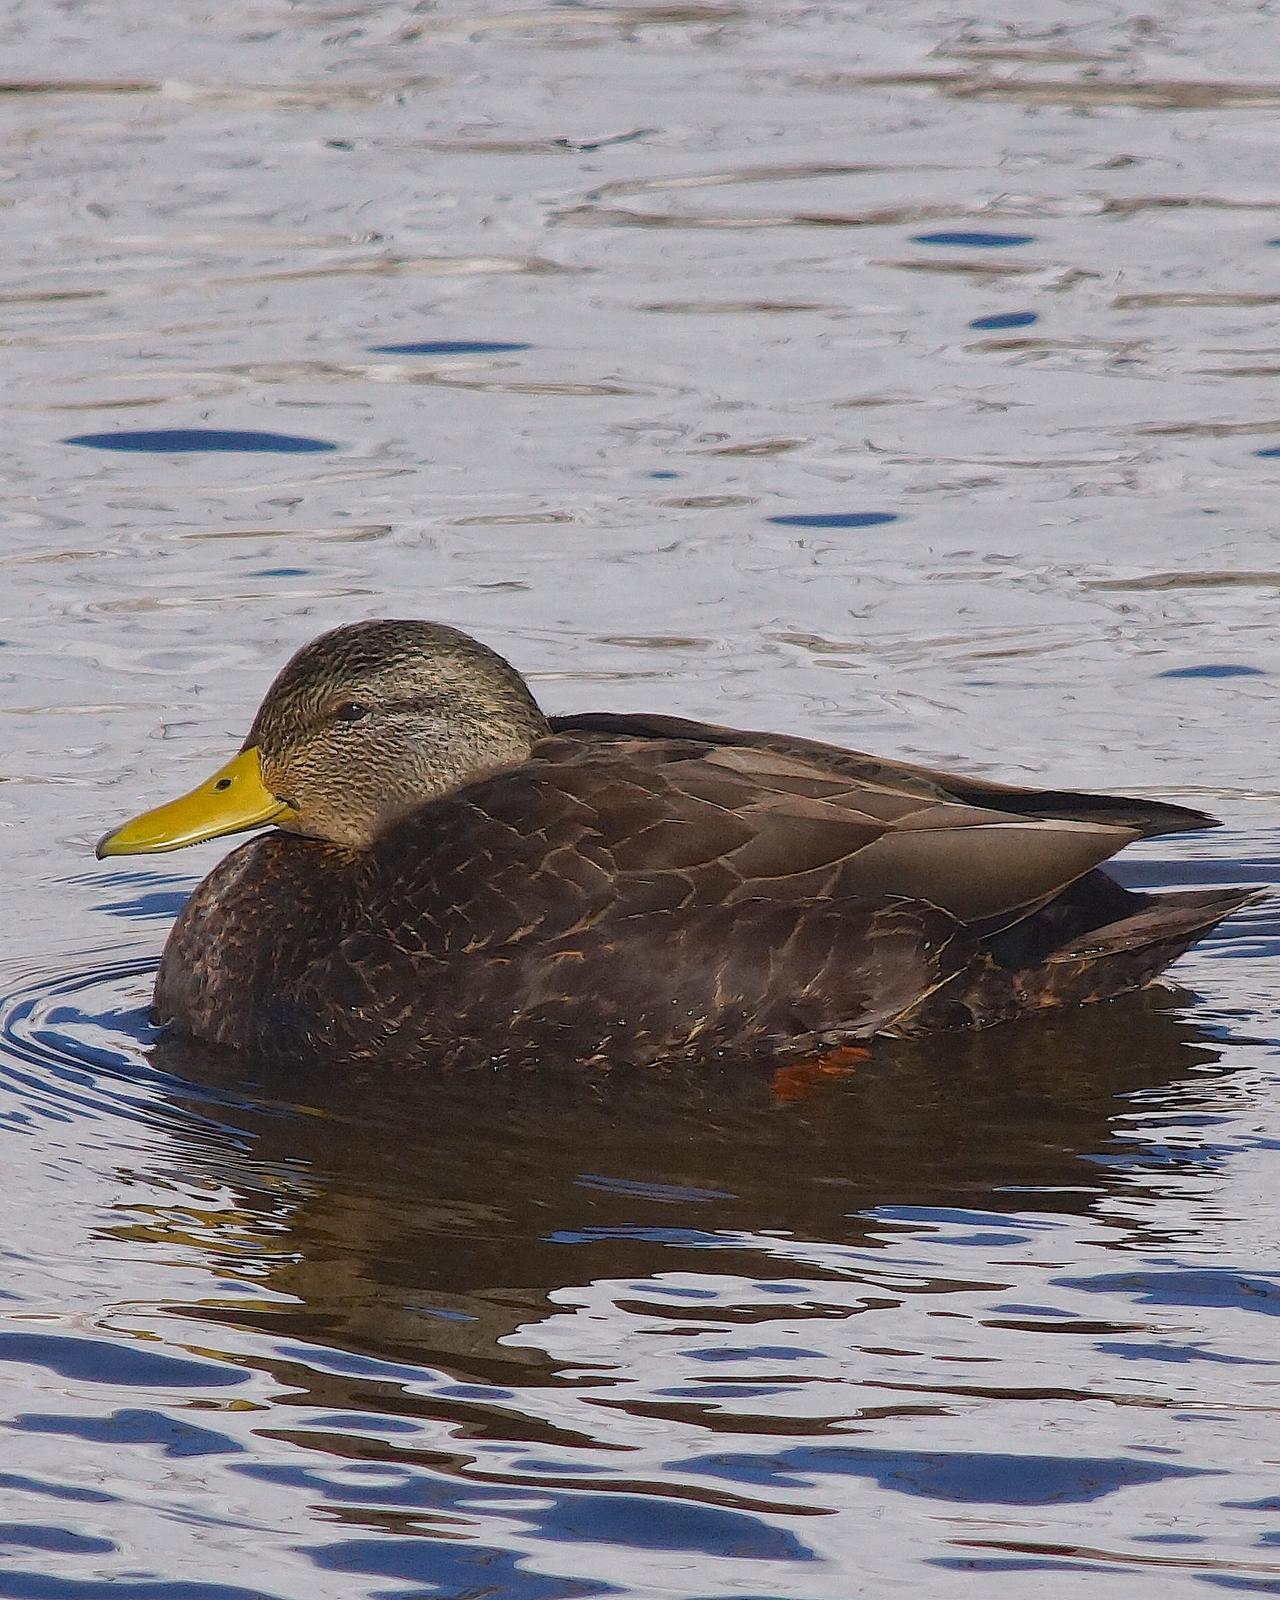 American Black Duck Photo by Gerald Hoekstra